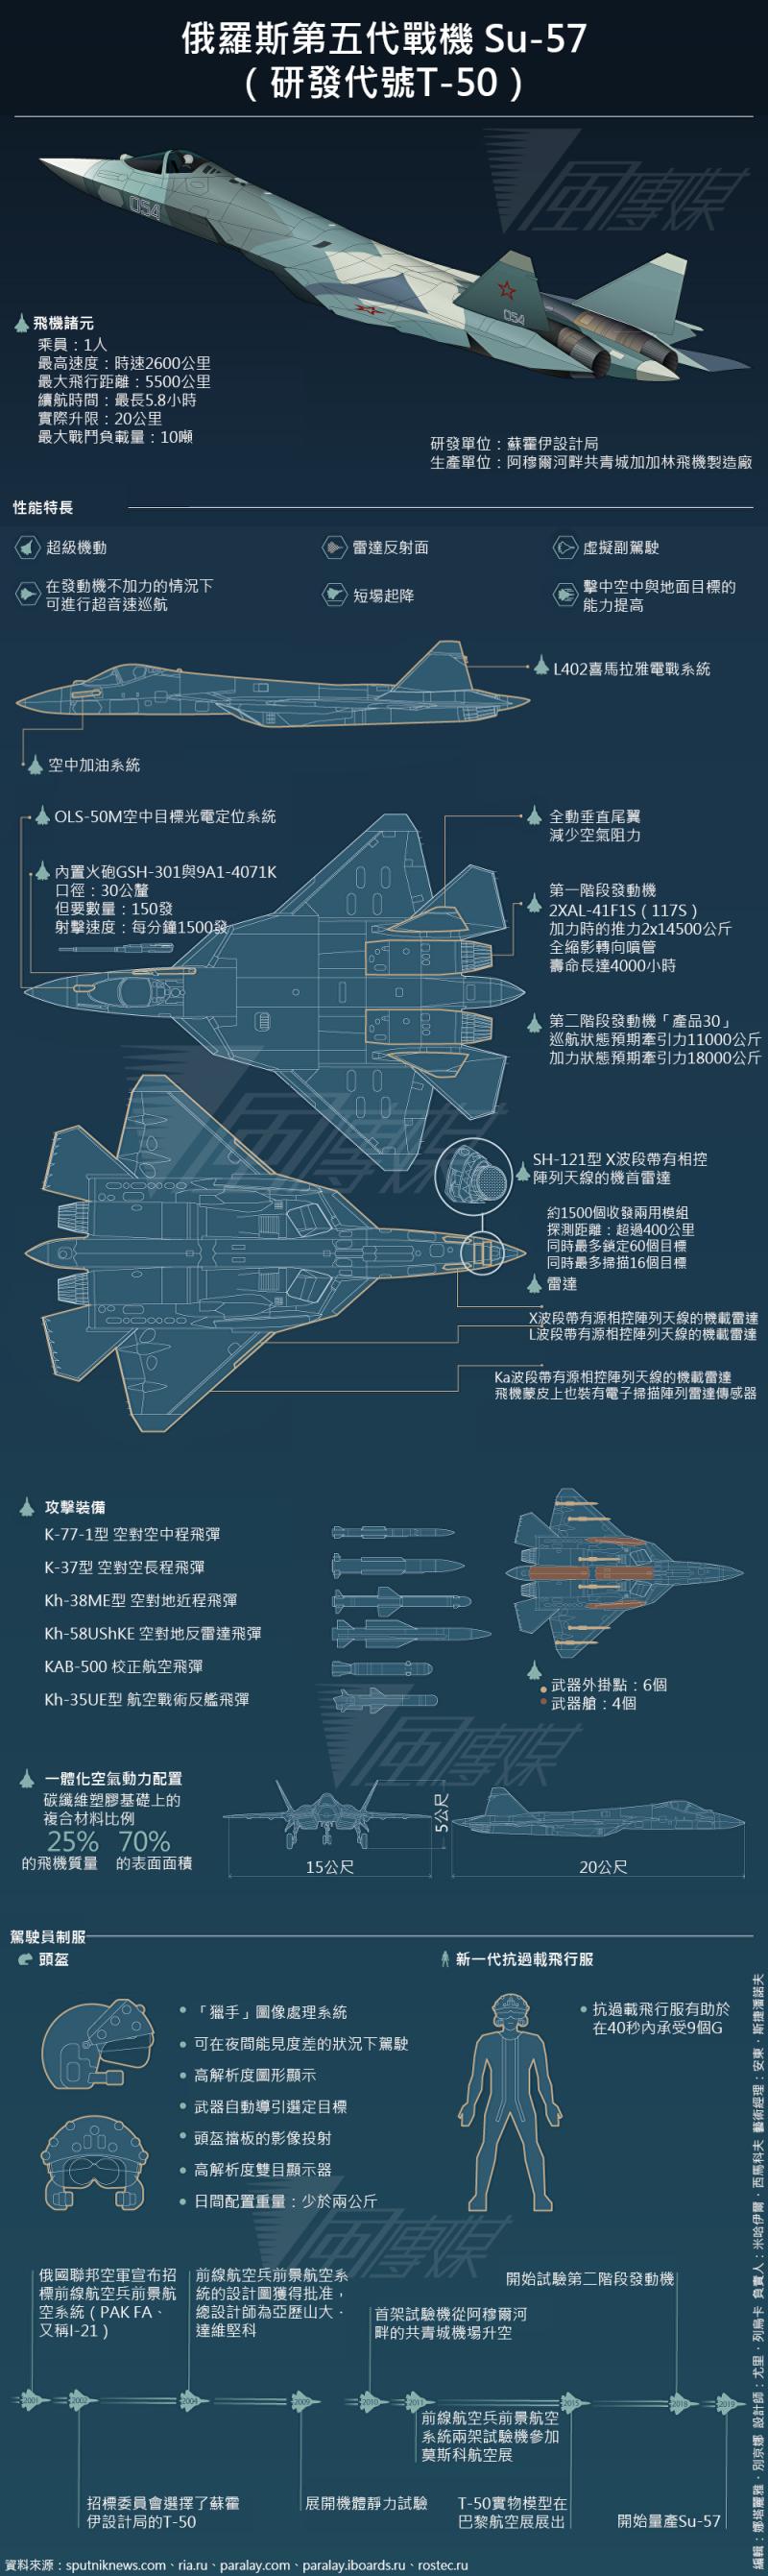 俄羅斯第五代戰機 Su-57(研發代號T-50)